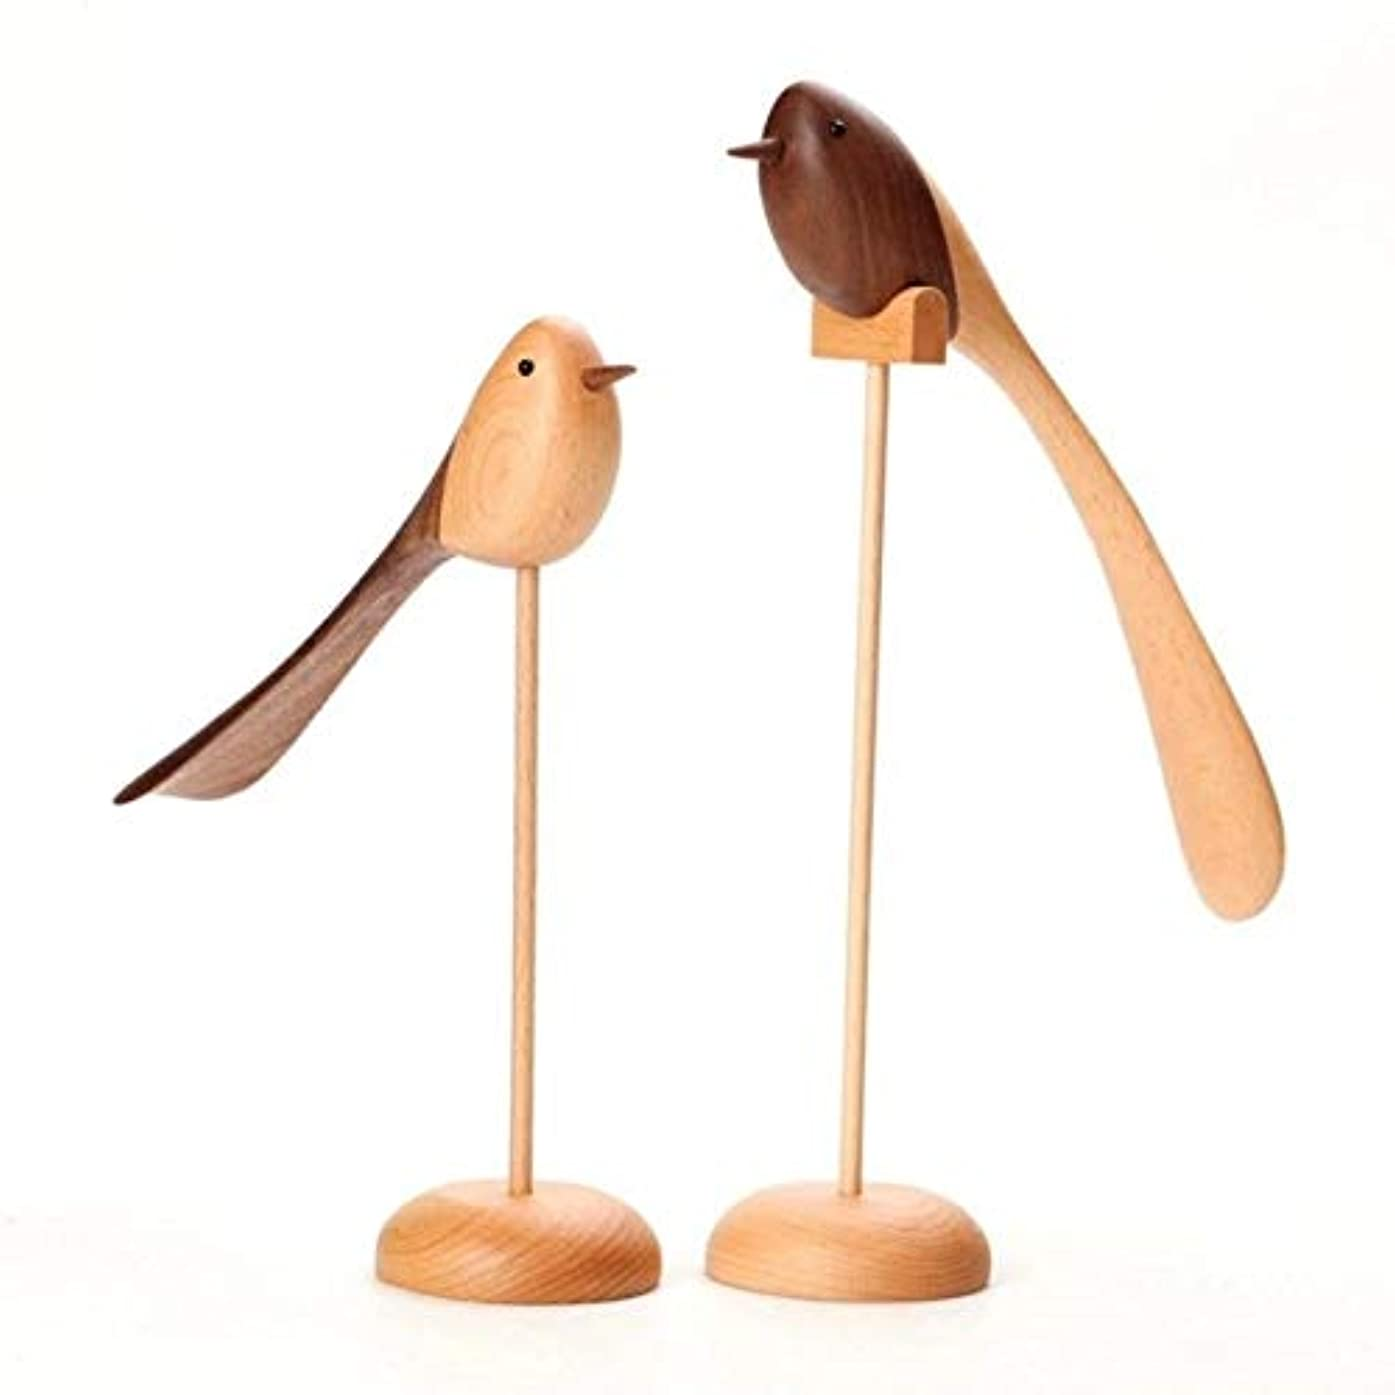 カスタムイブぴかぴかCetengkeji シンプルなオリジナルの木製の鳥、リビングルームのテレビキャビネットの装飾、装飾家